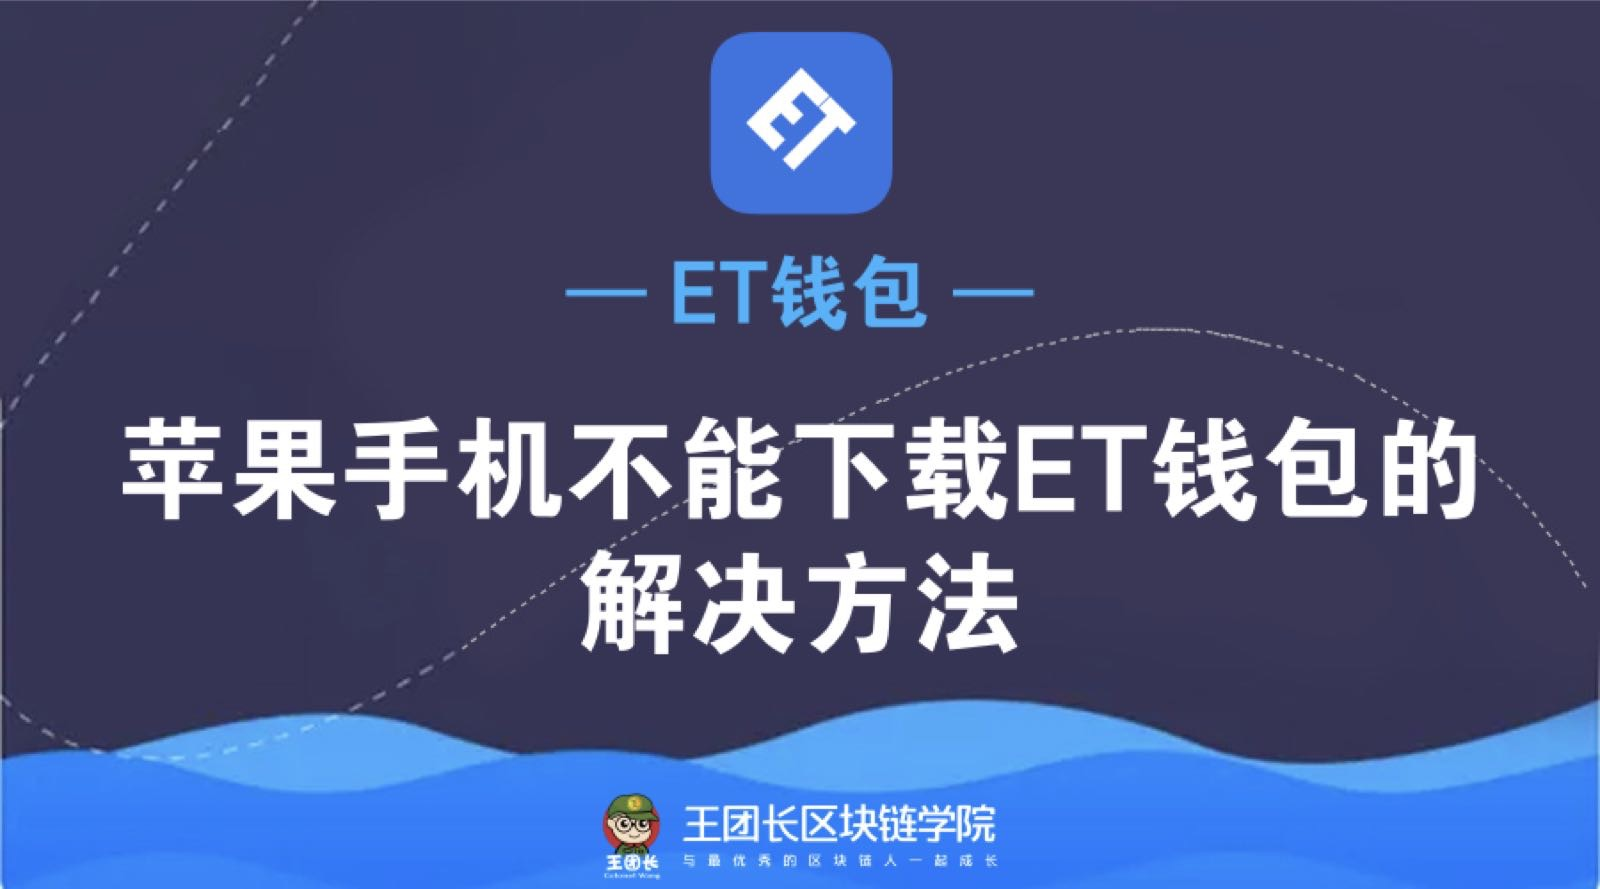 苹果手机不能下载ET钱包的解决方法